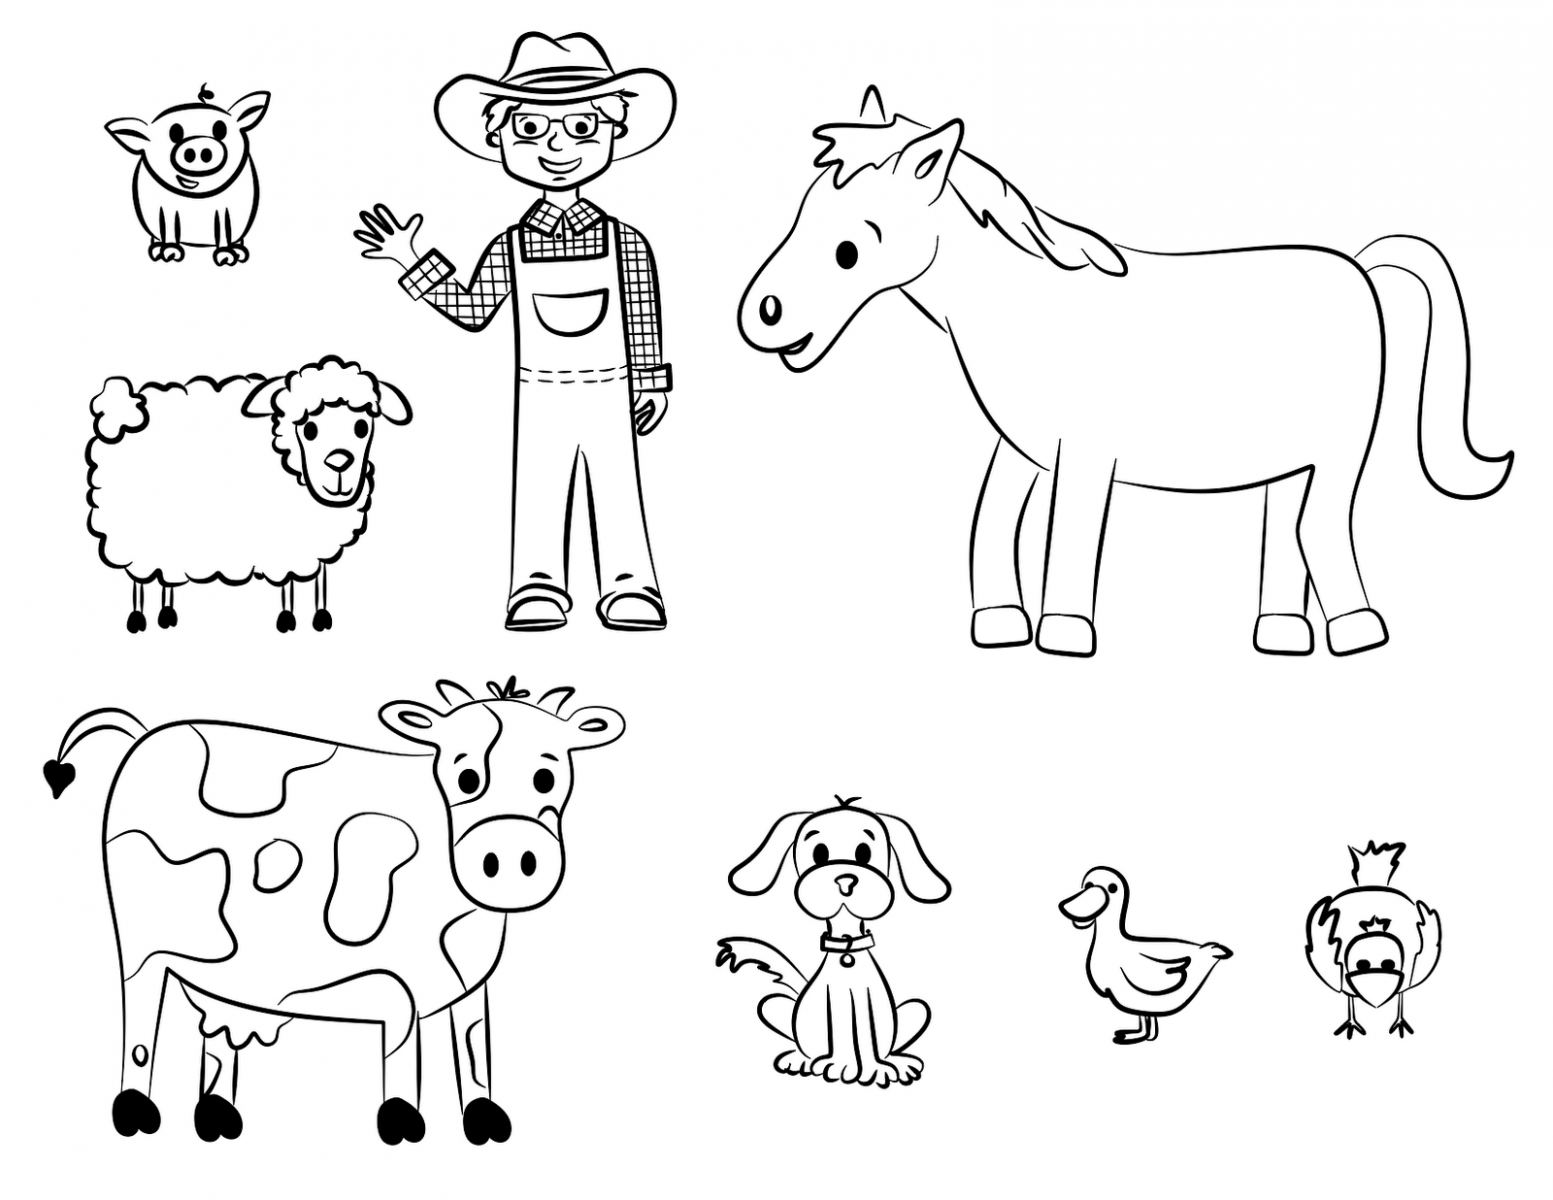 Dibujo Para Colorear De Heihei El Personaje De La: Granja Animales Para Colorear